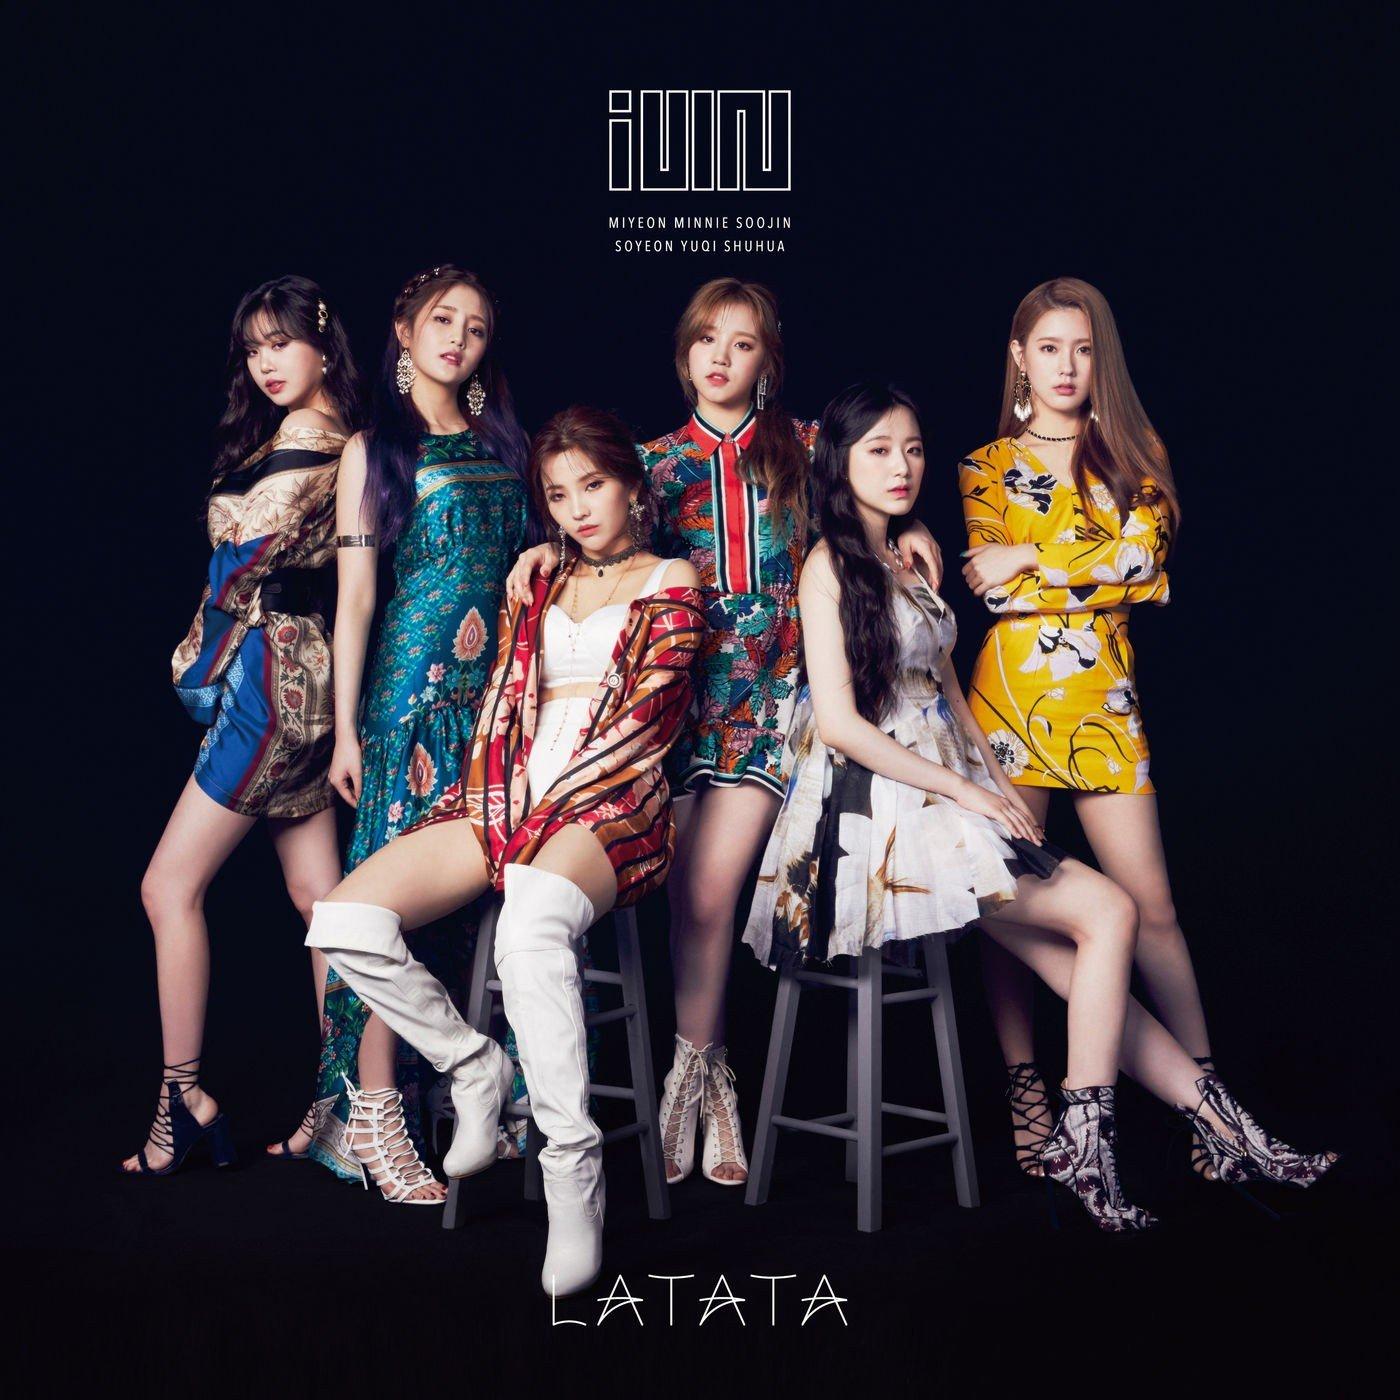 (G)I-DLE – LATATA [FLAC + MP3 320 / WEB] [2019.07.29]